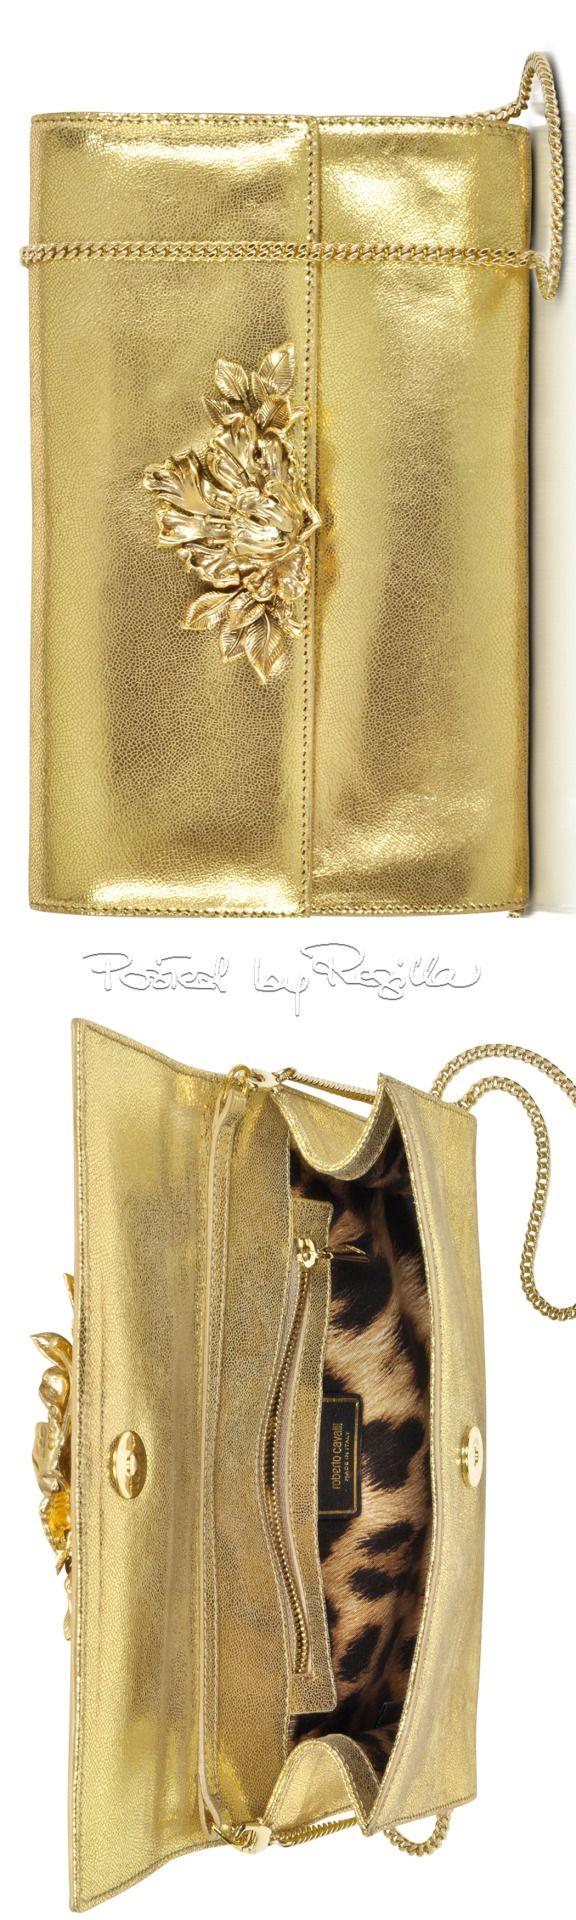 Regilla ⚜ Roberto Cavalli: